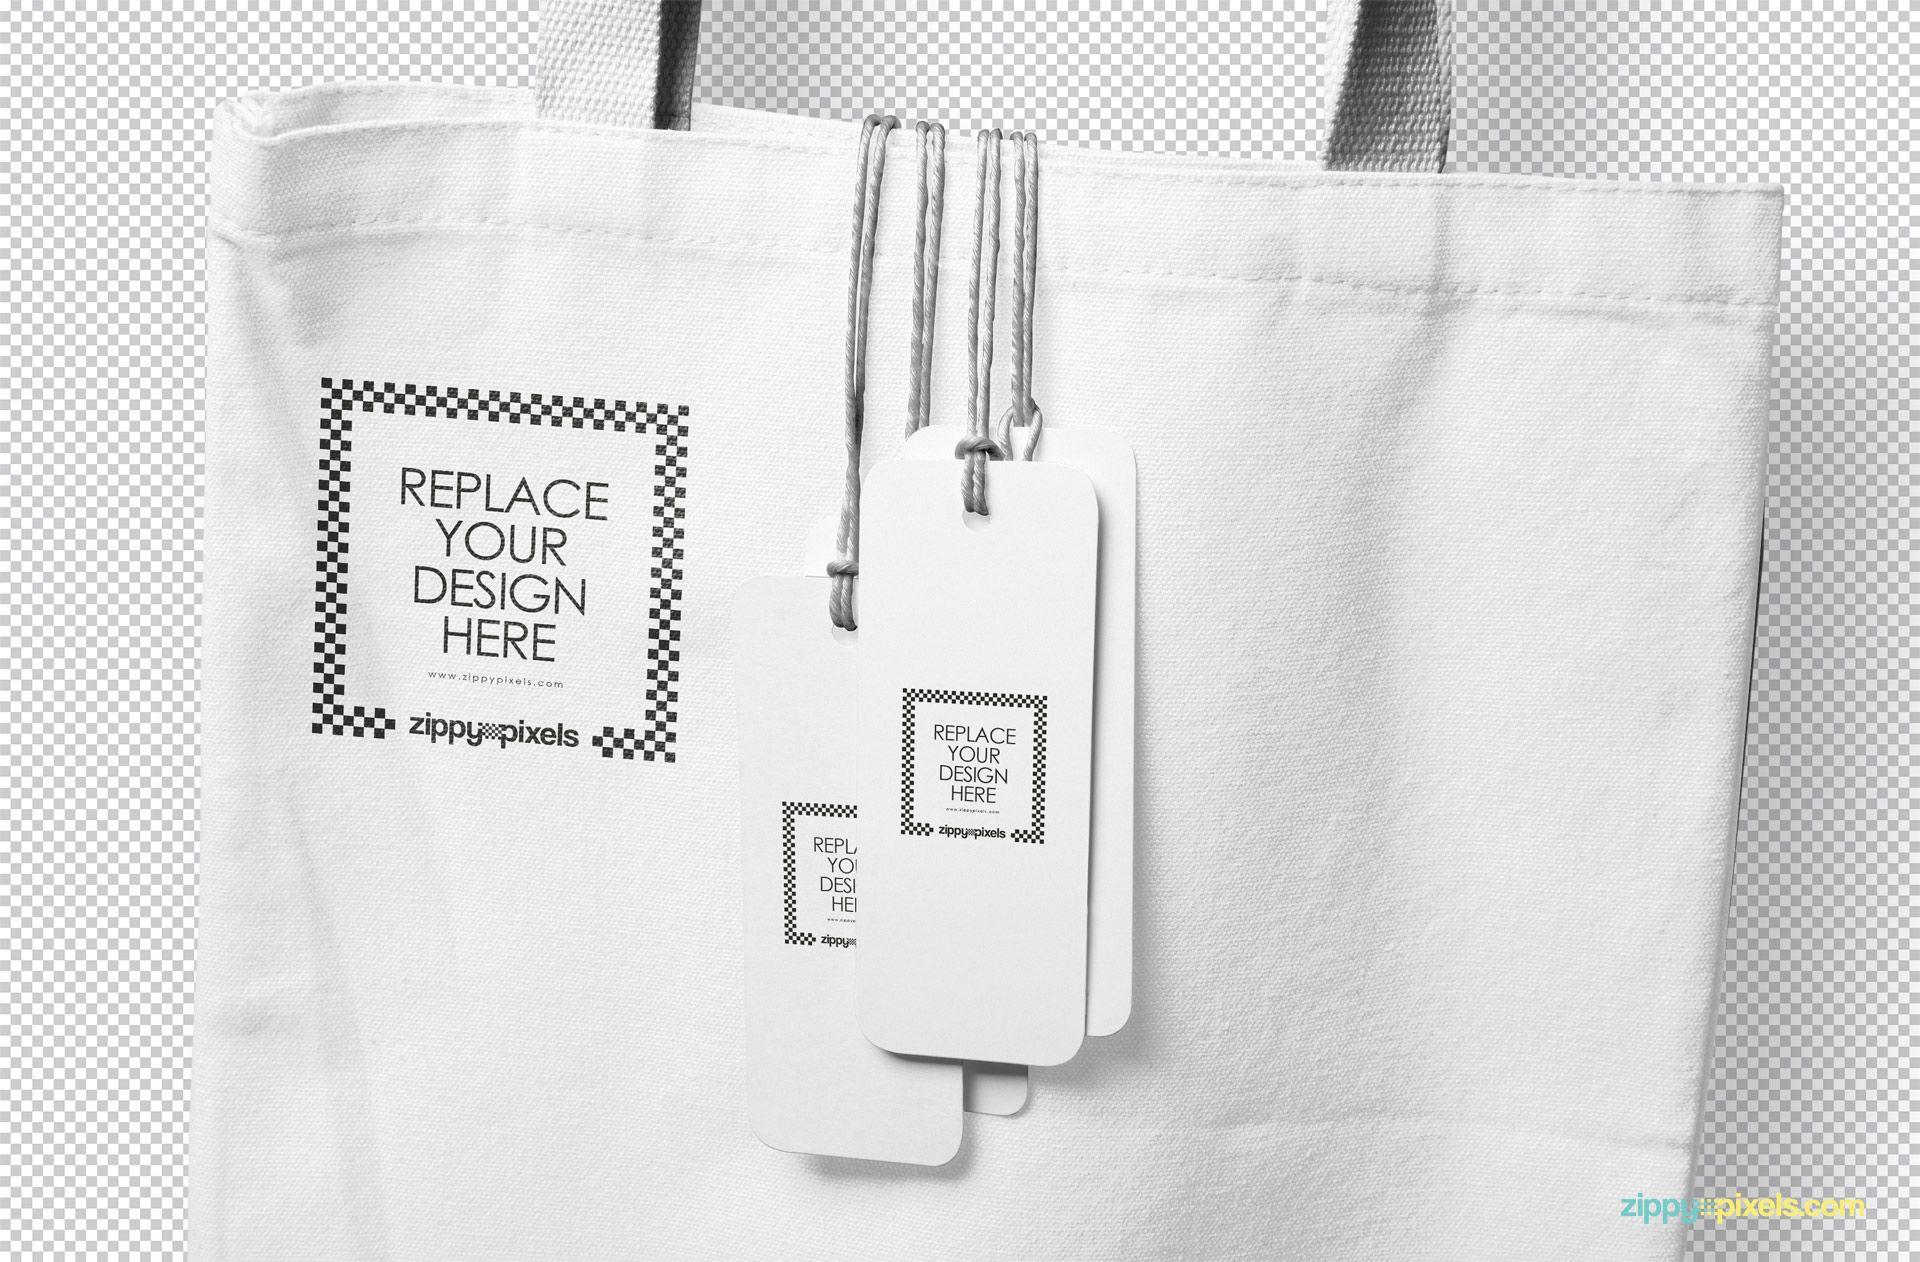 Download Free Hanging Tags Mockup Zippypixels Clothing Mockup Bag Mockup Mockup